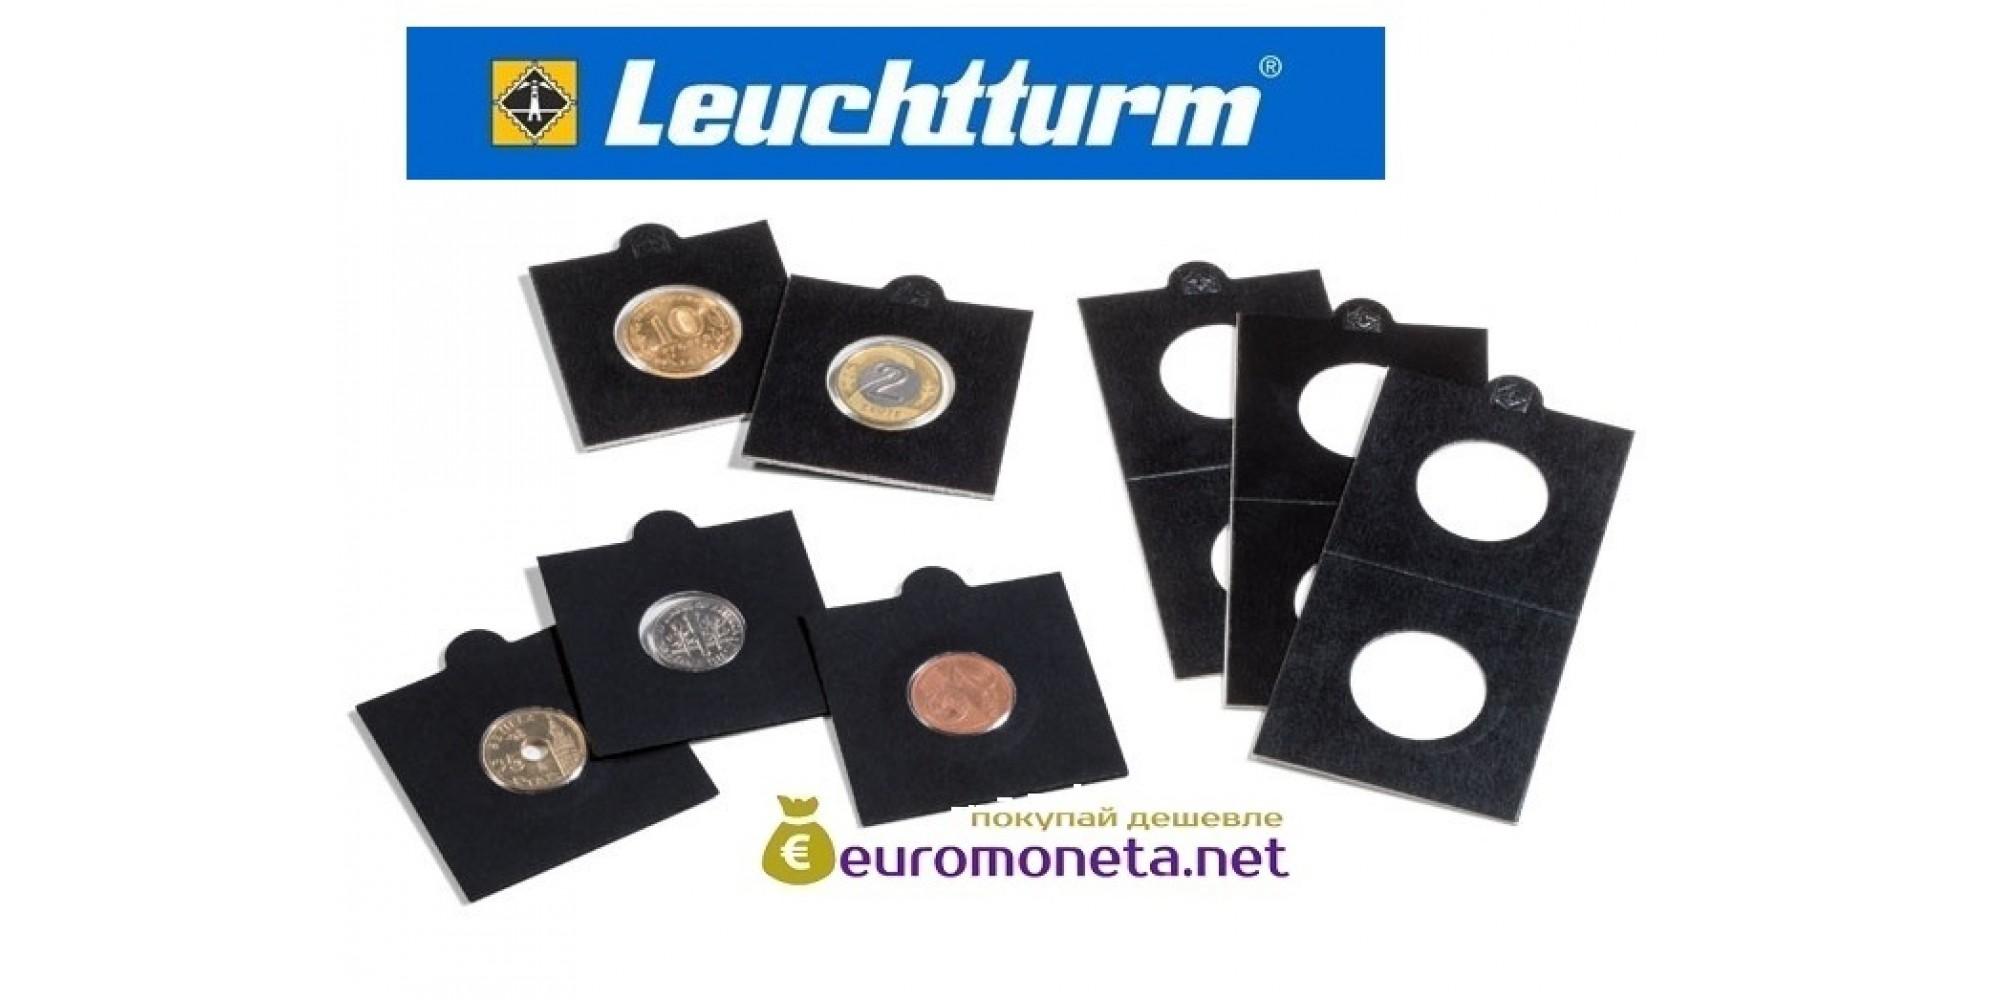 Германия Leuchtturm чёрный холдер 39,5 мм для монет, Matrix самоклеющиеся